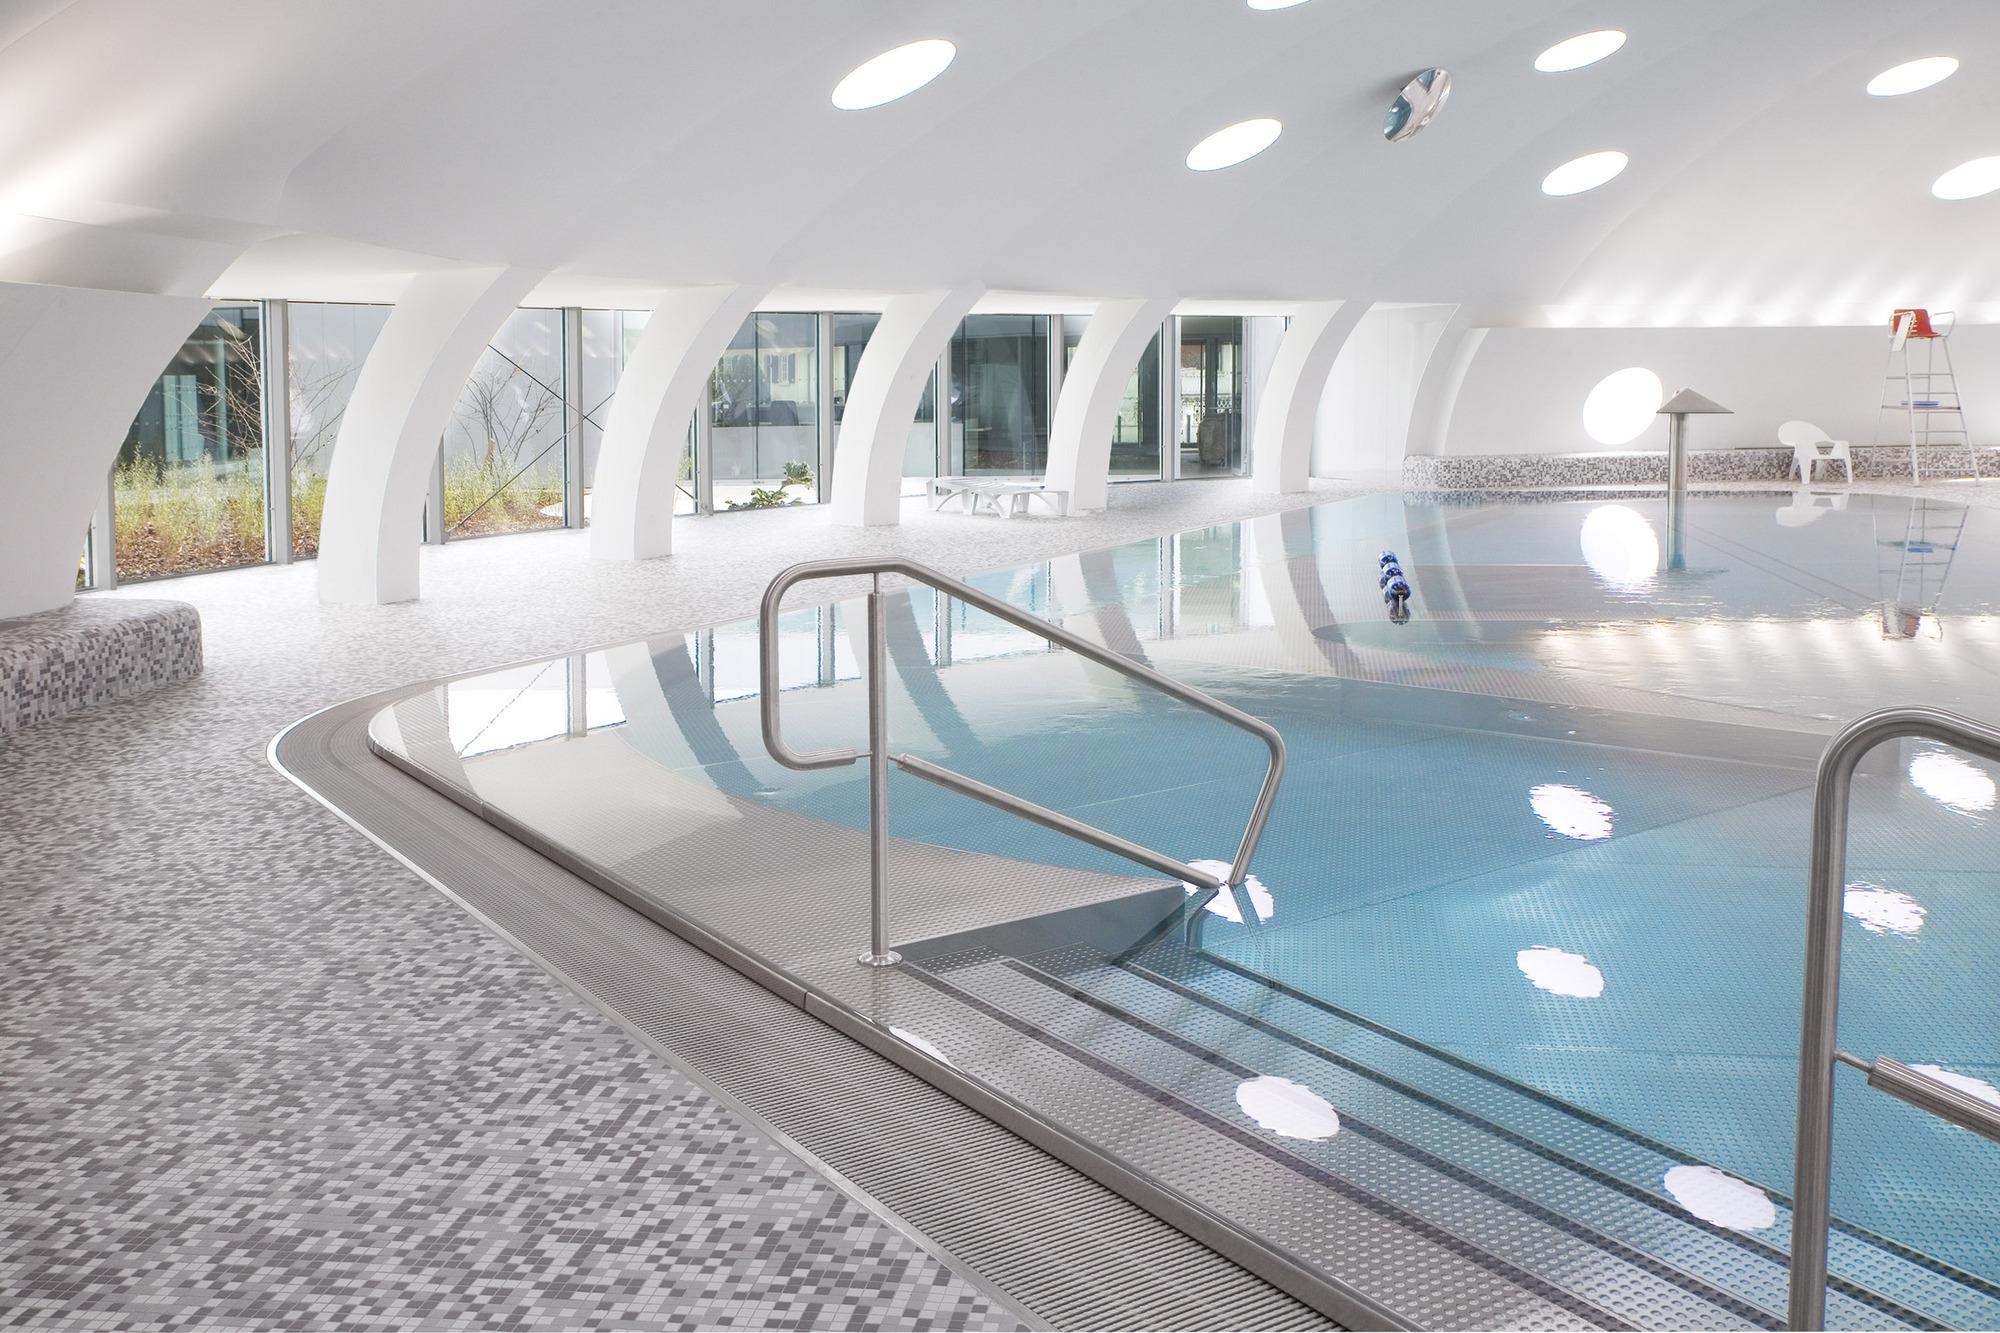 54dc1368e58ece826e00009f_-tournesol-swimming-pool-refurbishment-urbane-kultur_05